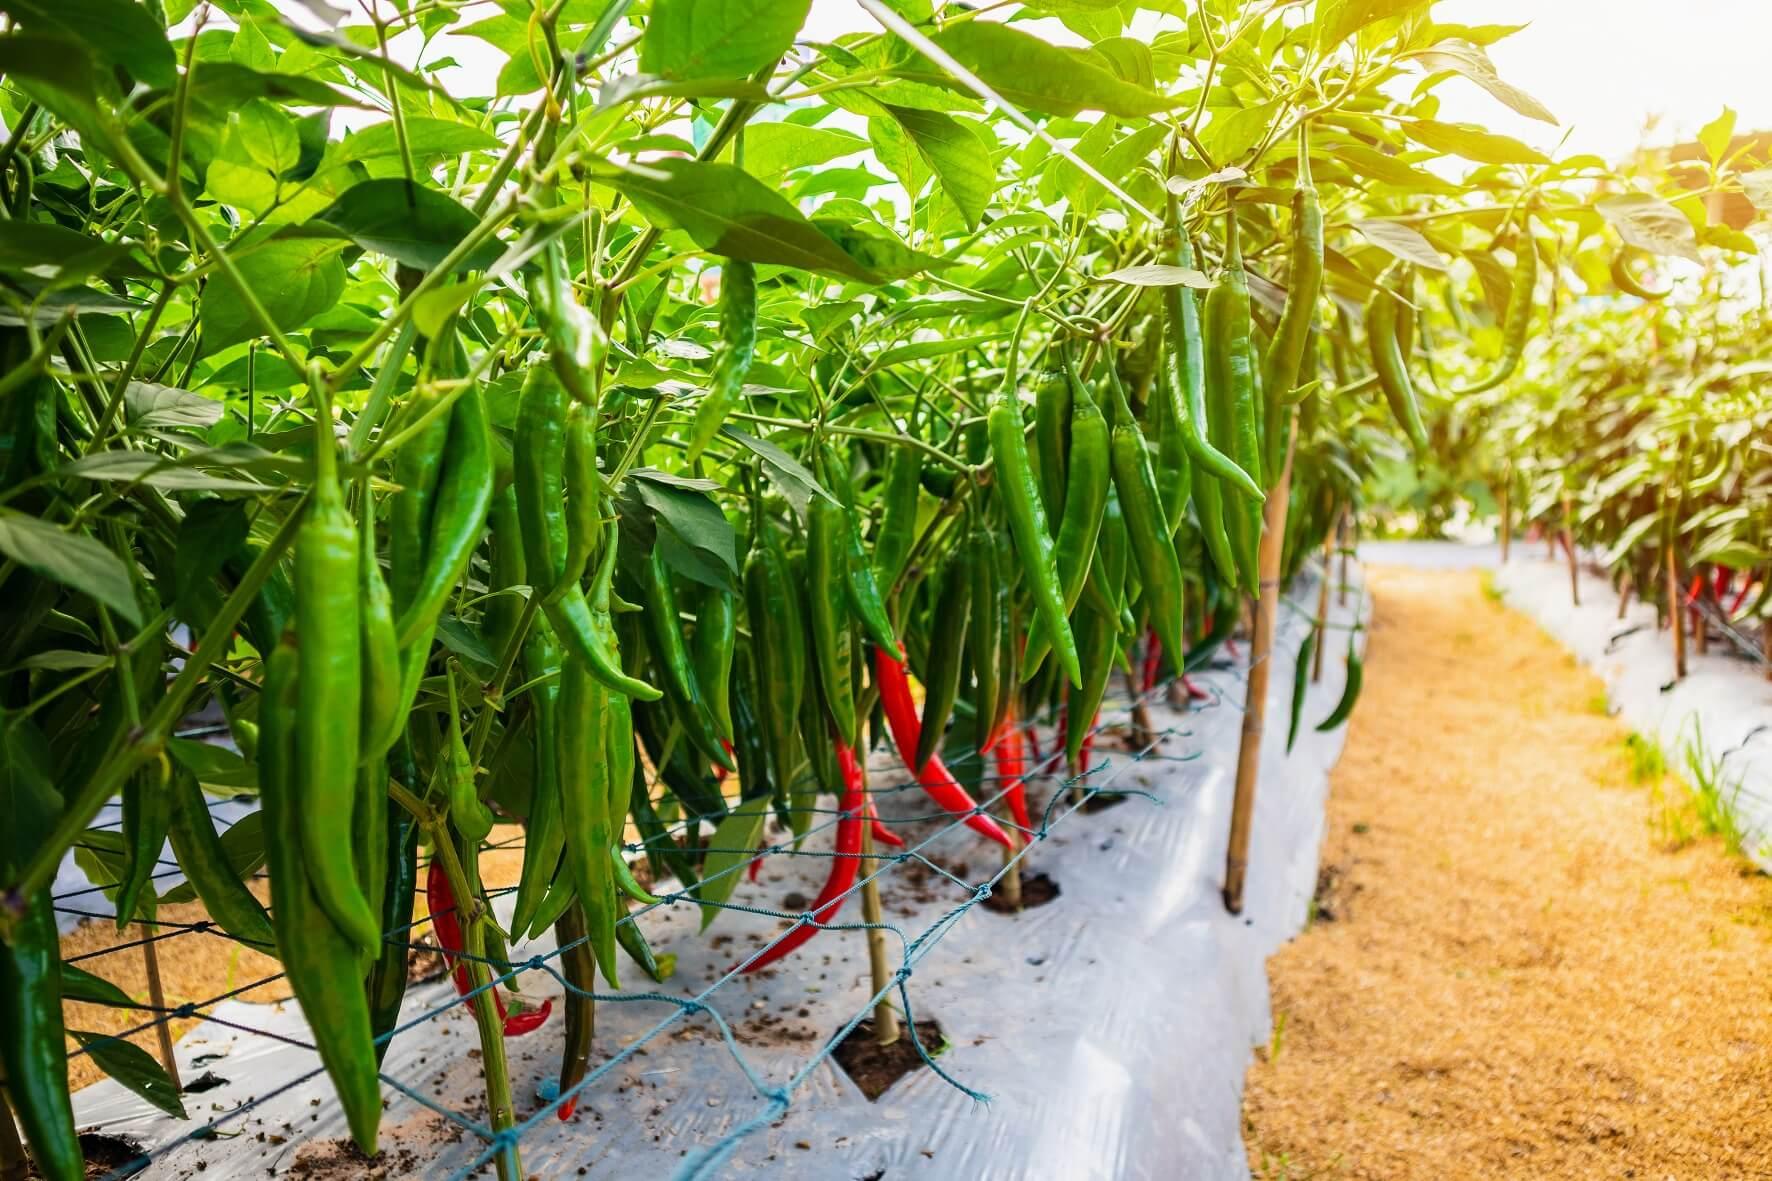 栃木県の名産『日光唐辛子』は辛みが少なく育てやすい万能唐辛子